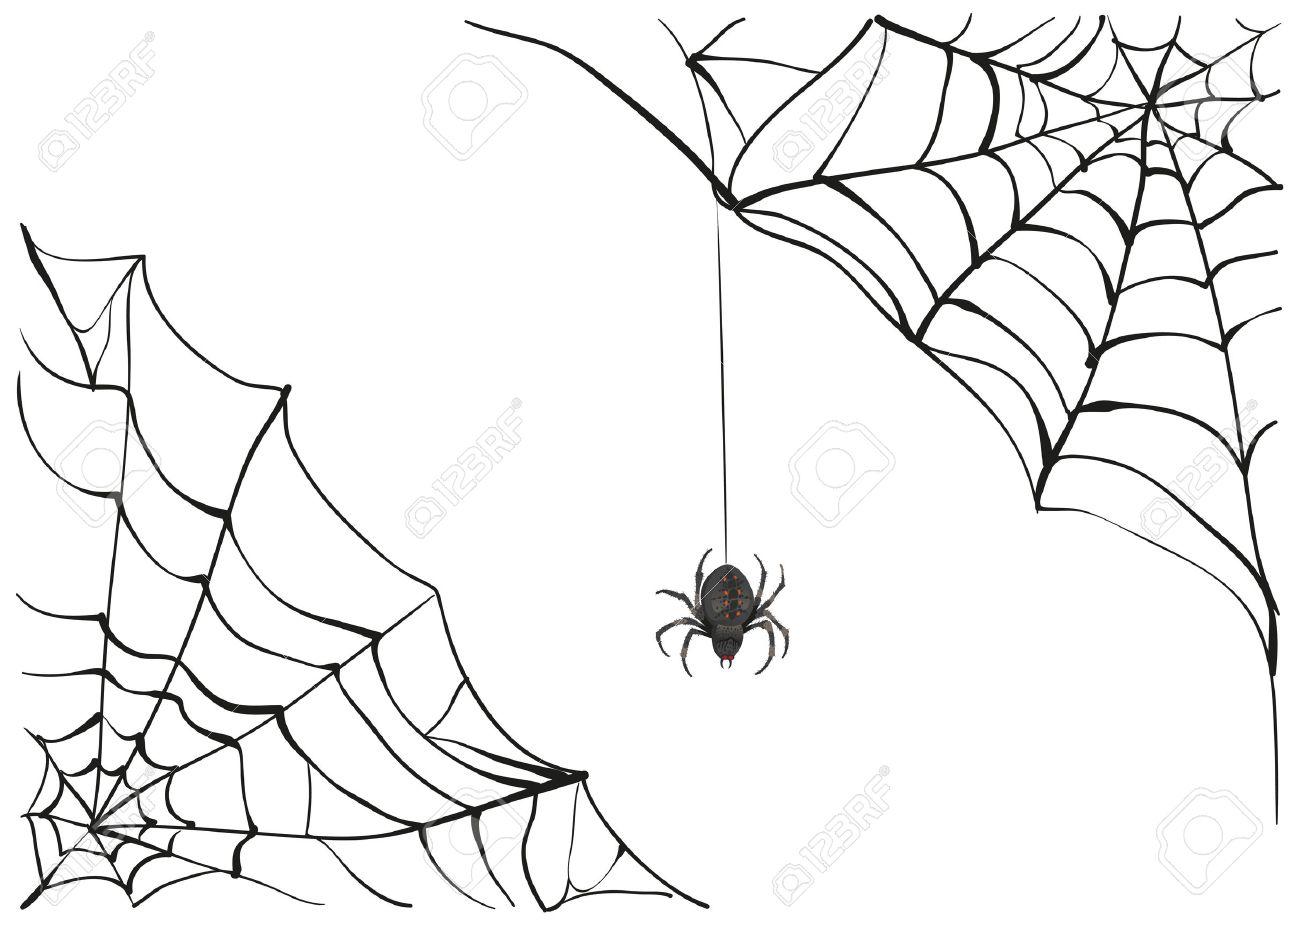 クモの巣大きな黒い蜘蛛の巣web の黒い怖いクモ毒蜘蛛ベクトル